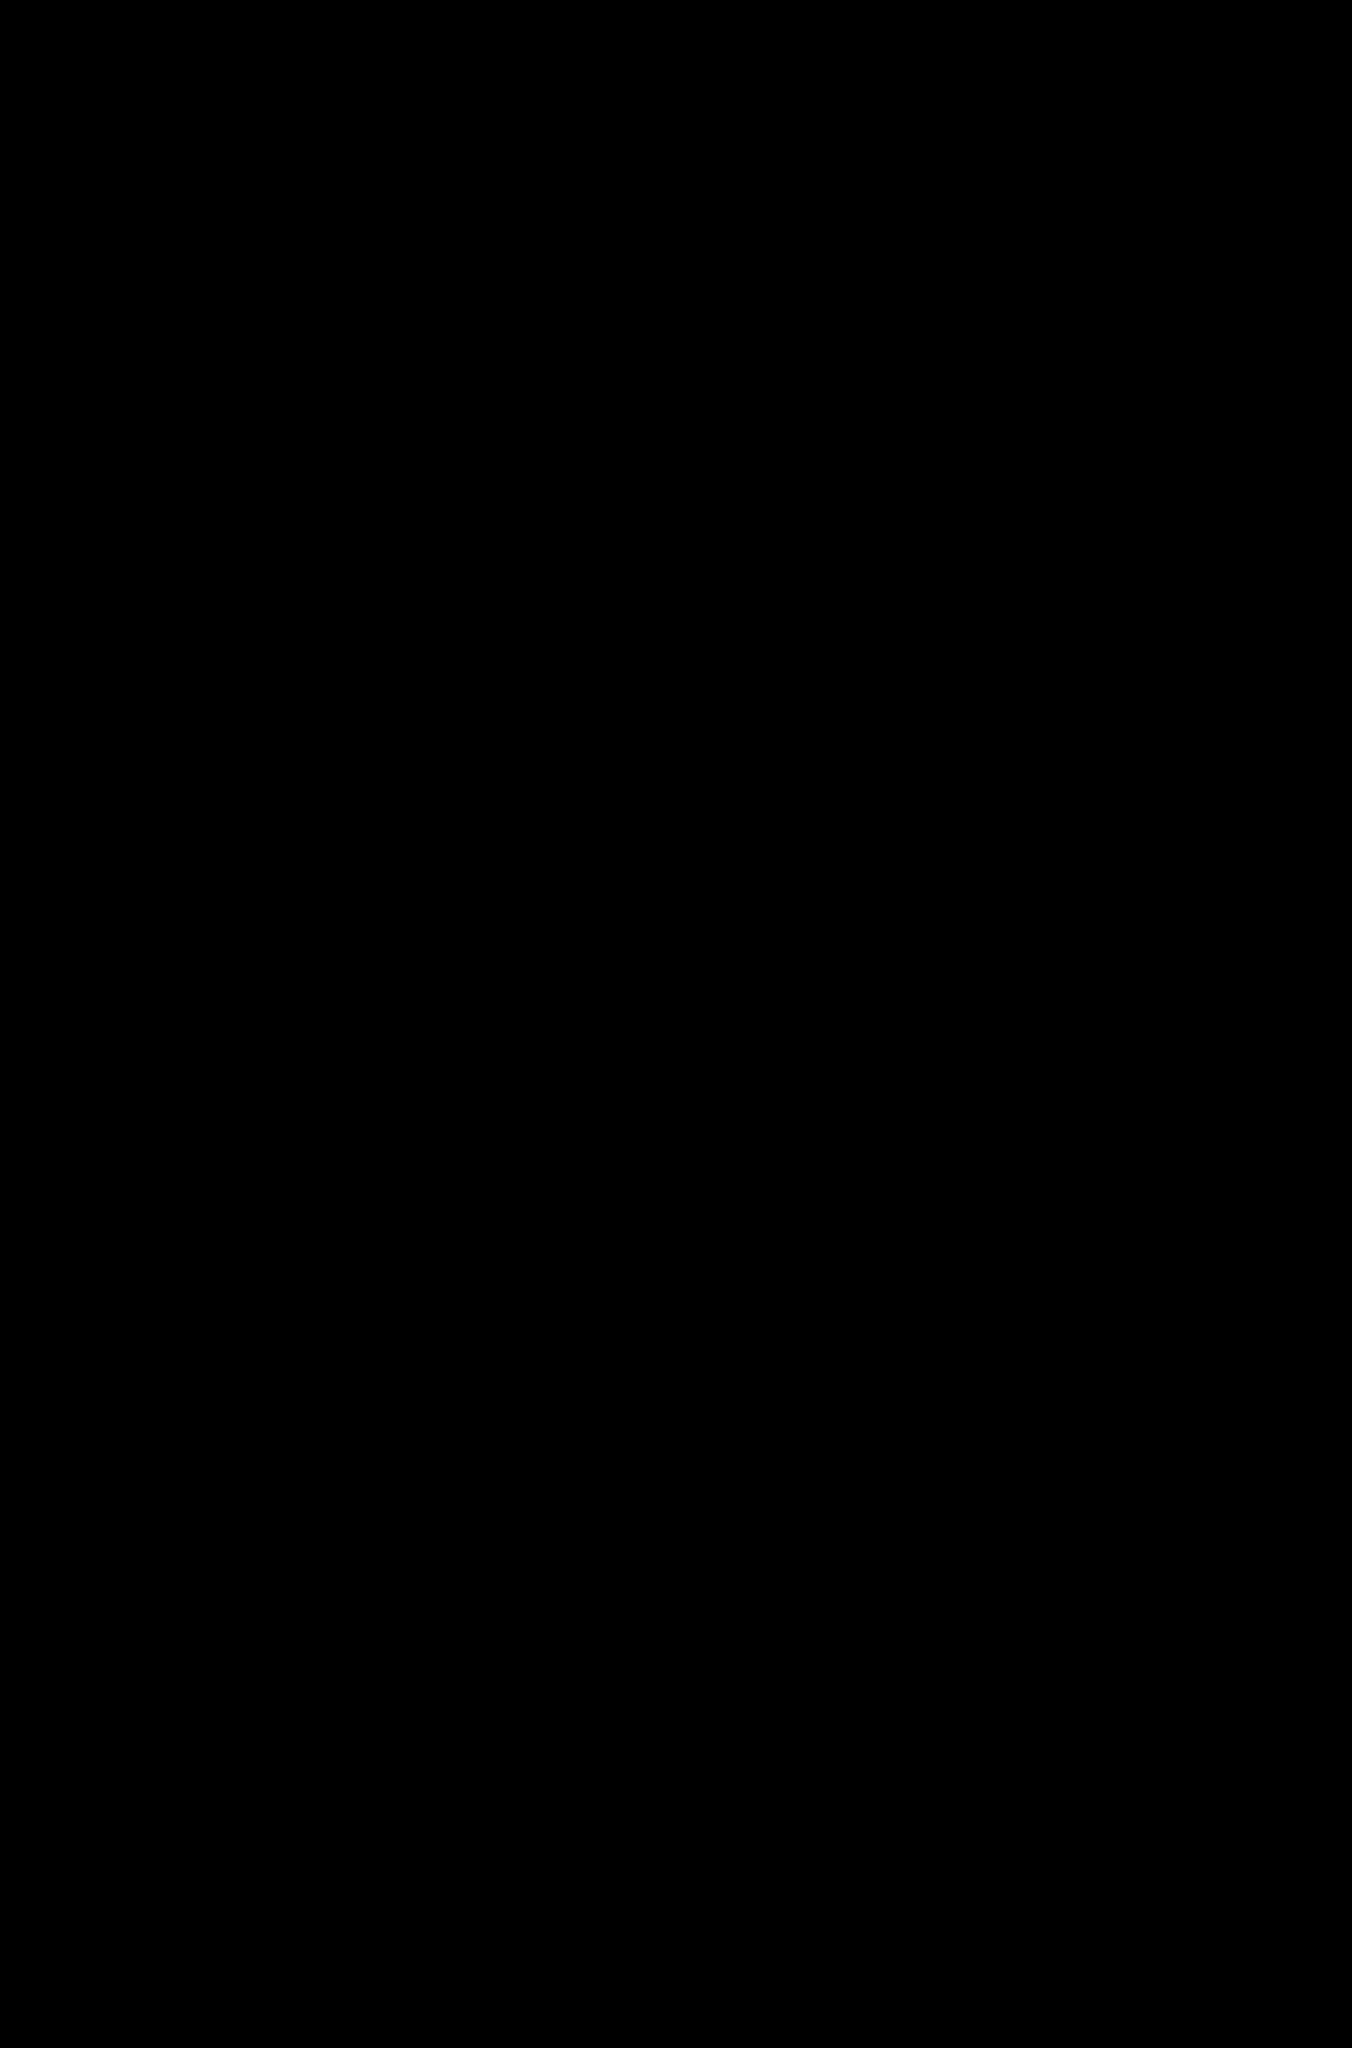 kvani_5